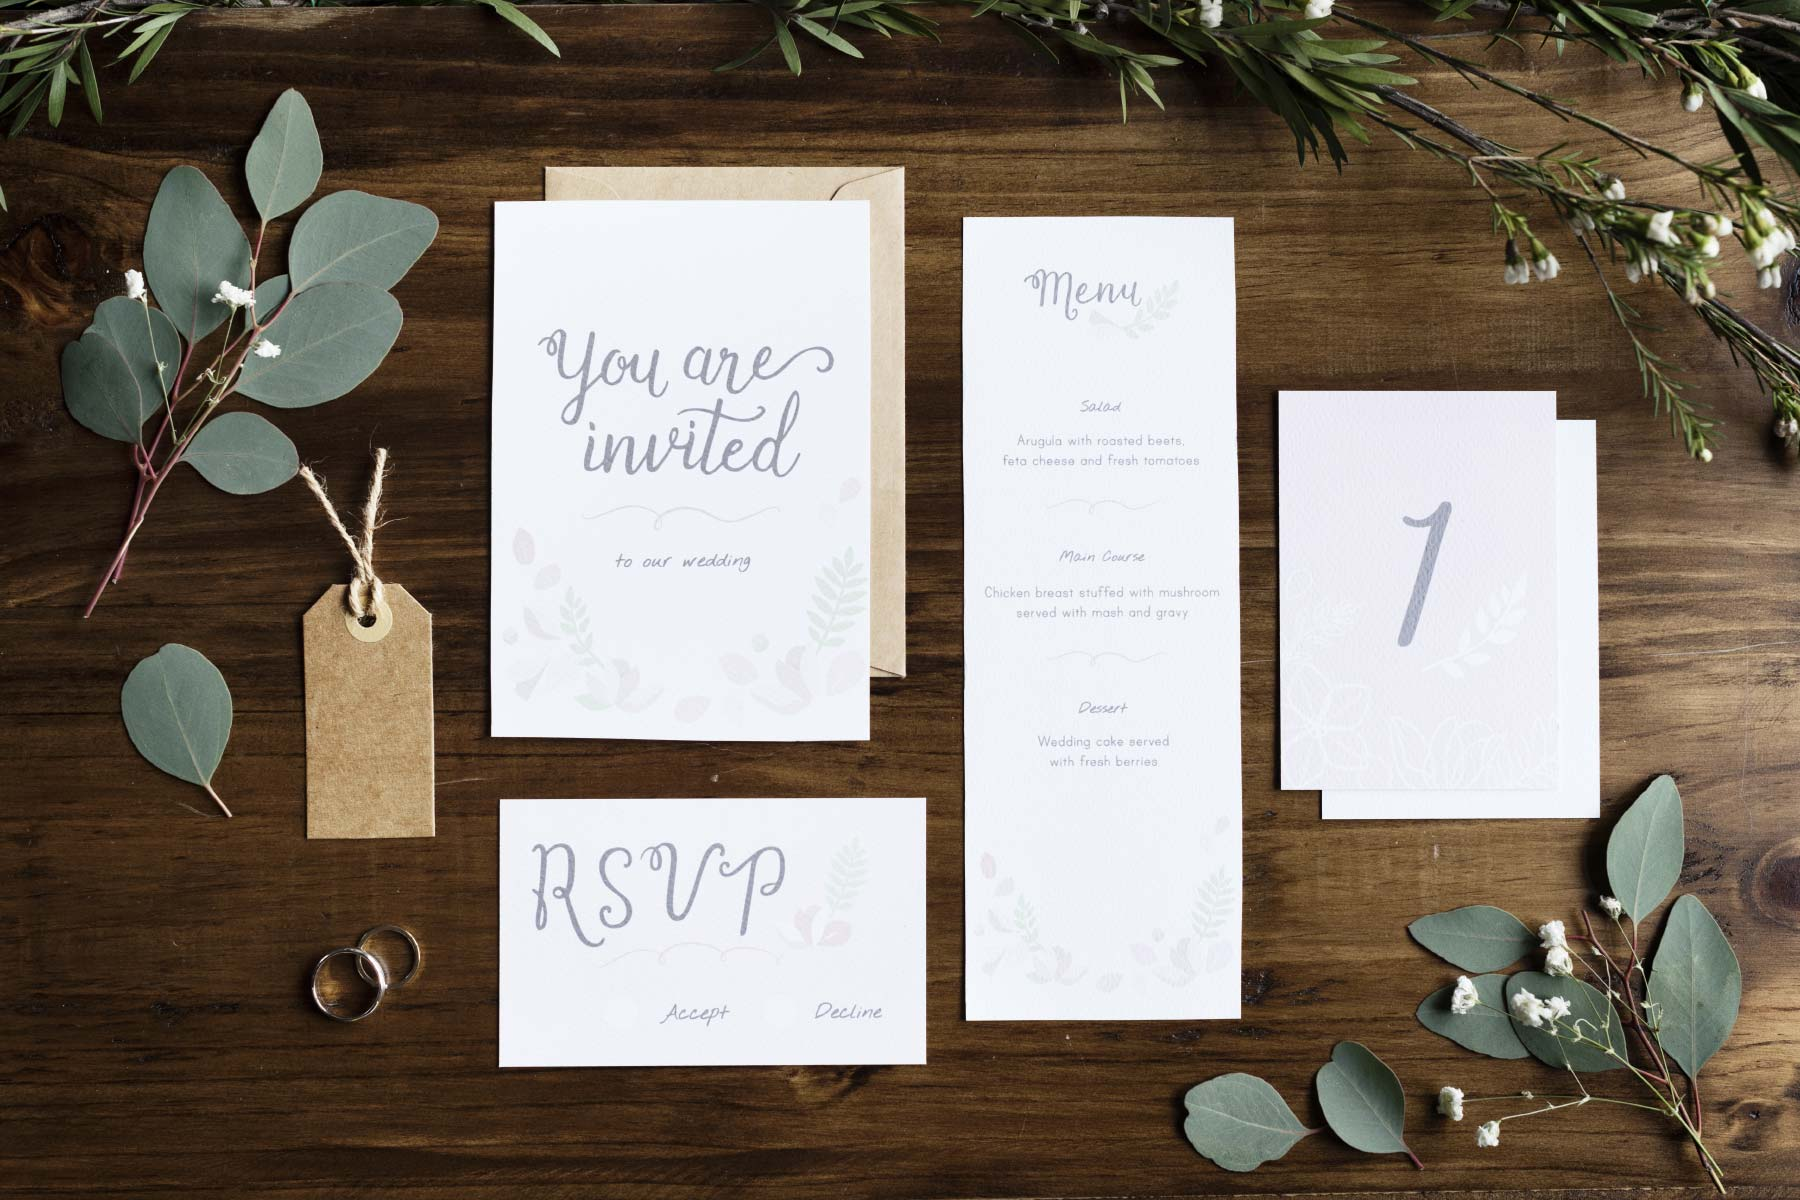 Hochzeit Ohne Kinder So Konnt Ihr Es In Der Einladung Formulieren